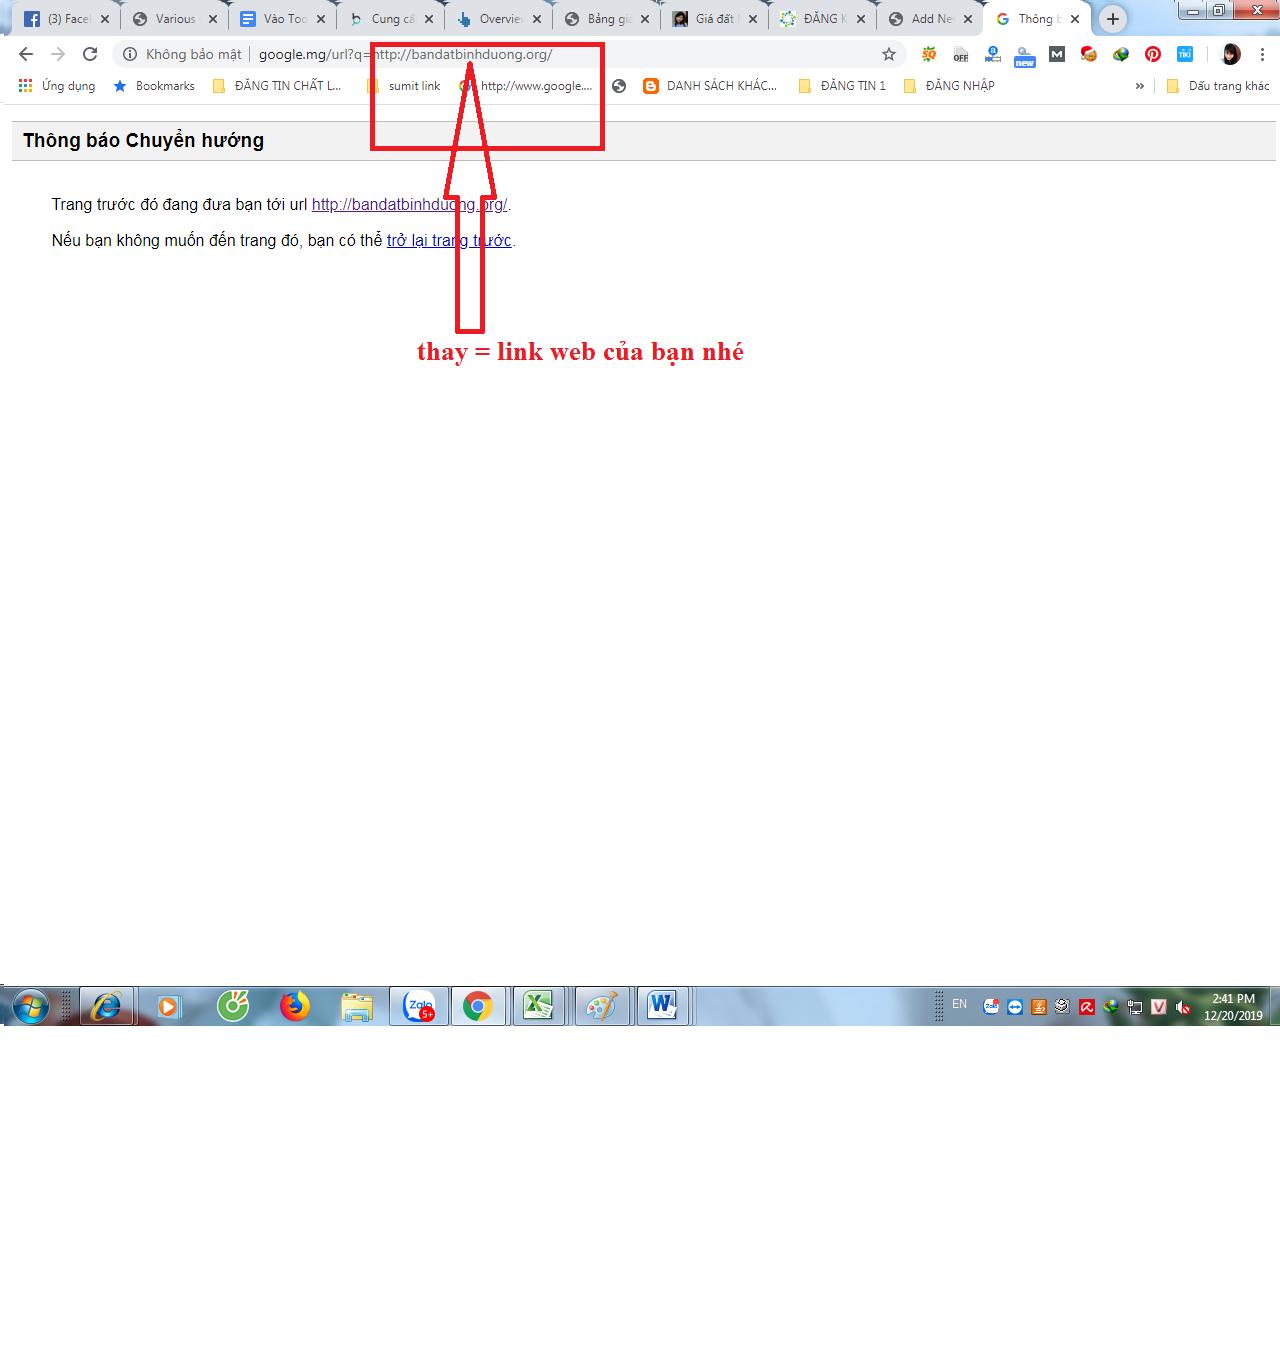 link redirect từ google thật đơn giản chỉ với 1 bước sau đây